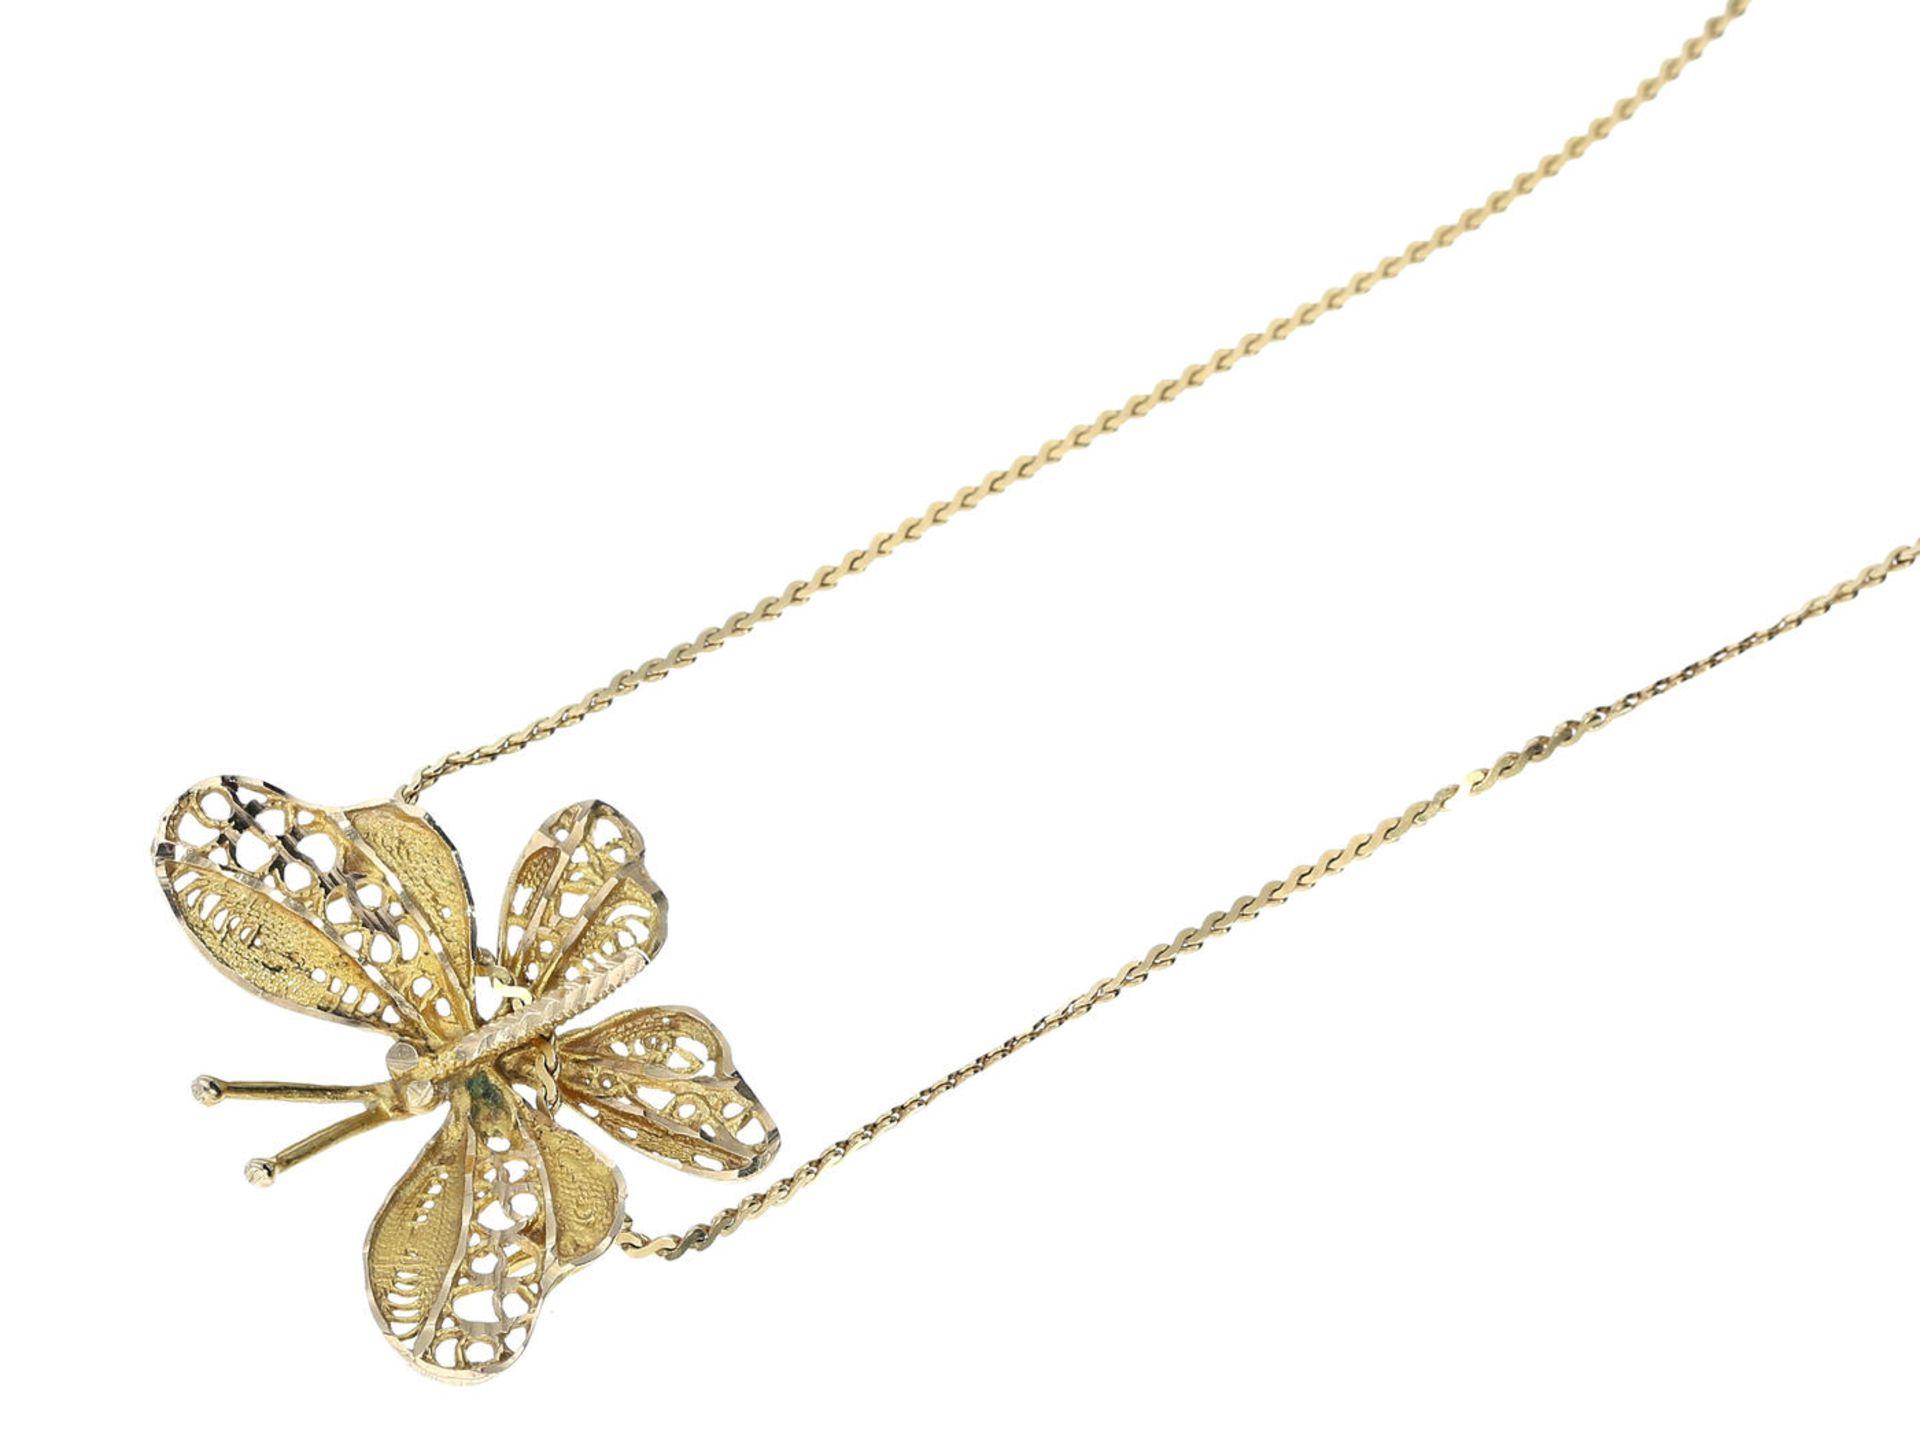 Kette/Collier: zierliche Halskette mit Schmetterlingsanhänger, 18K Gold Ca. 38cm lang, ca. 4g, 18K - Bild 2 aus 3